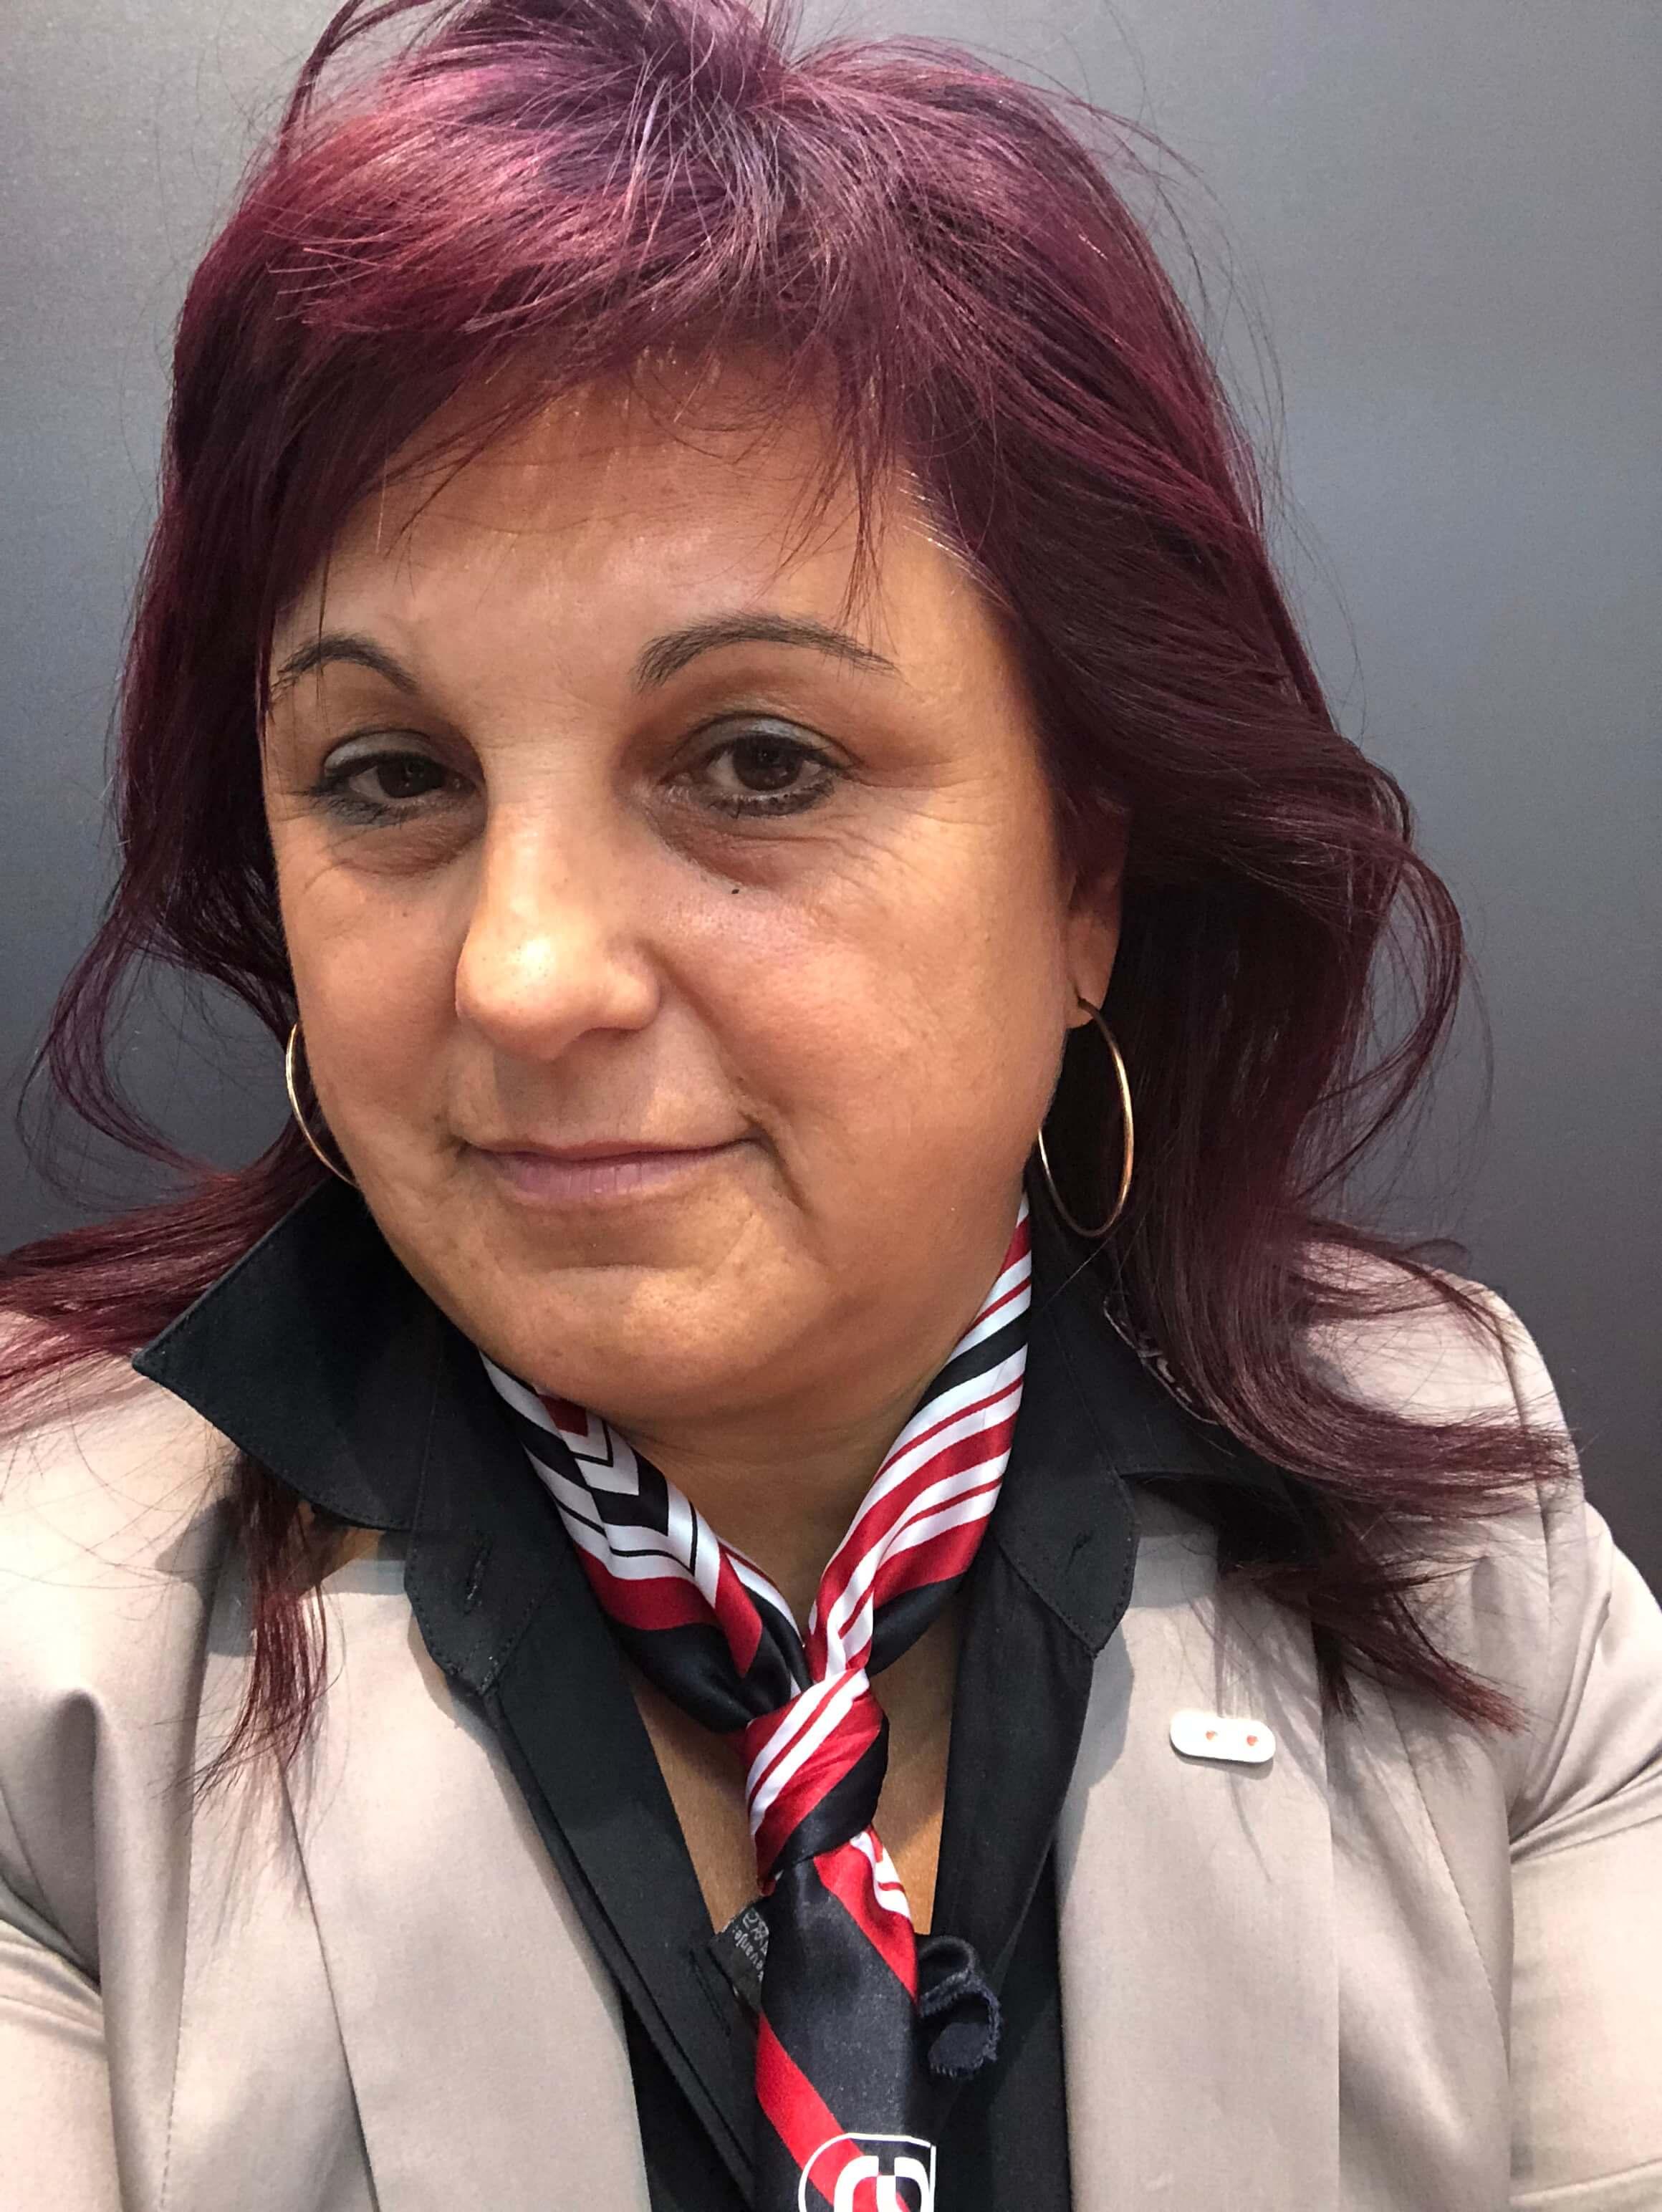 Darja Mihalič, podjetje Roto